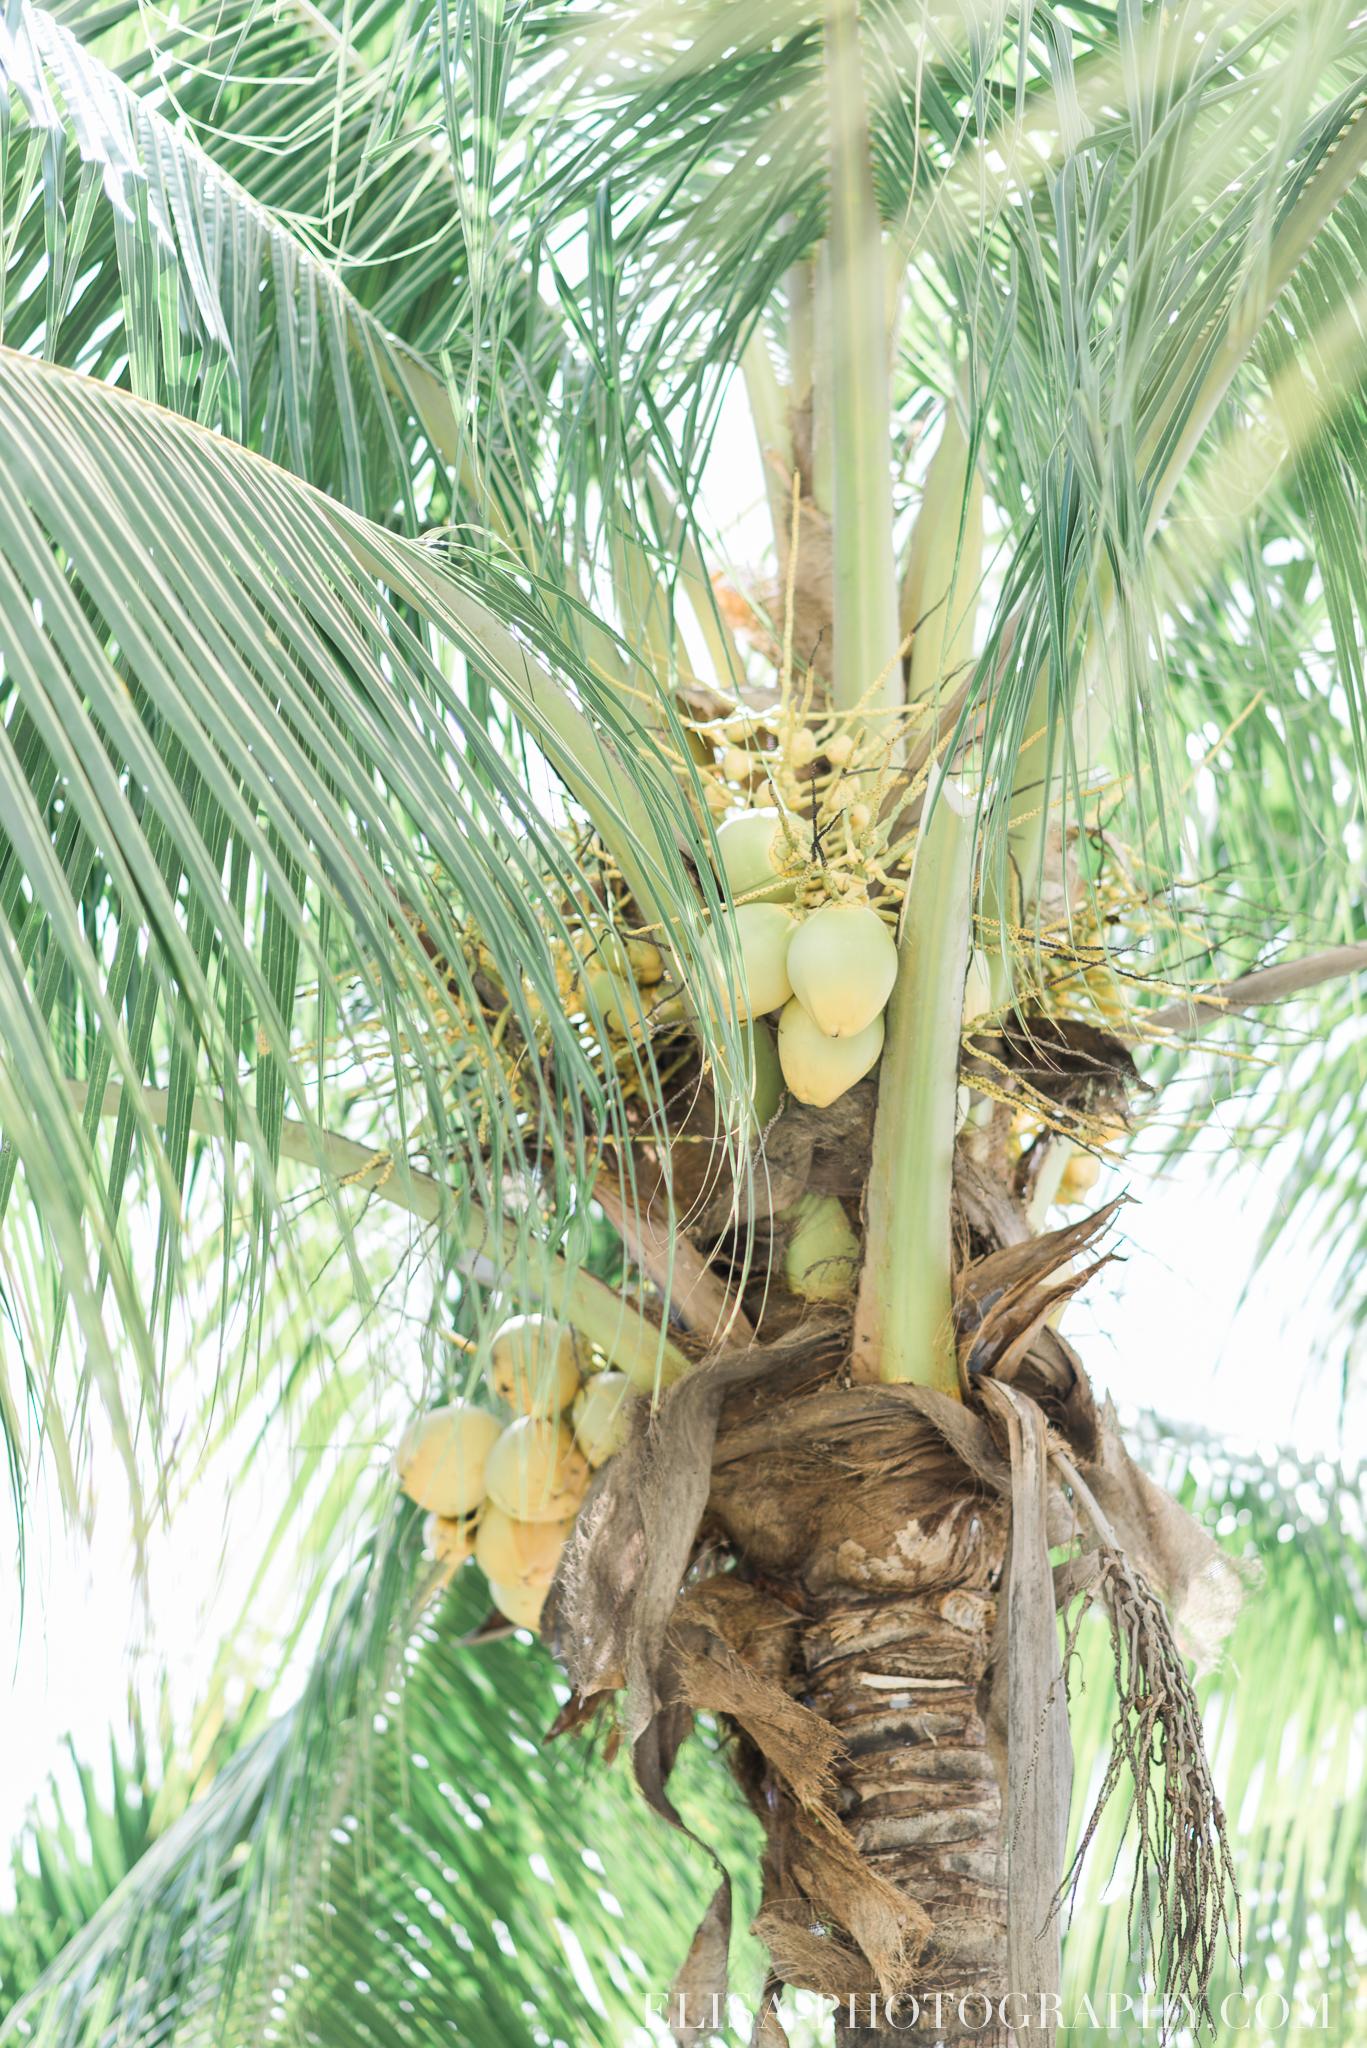 mariage de rêve à destination palmier noix de coco caraïbes grand bahia principe jamaïque photo 6452 - Les 12 endroits les plus romantiques pour votre mariage à destination